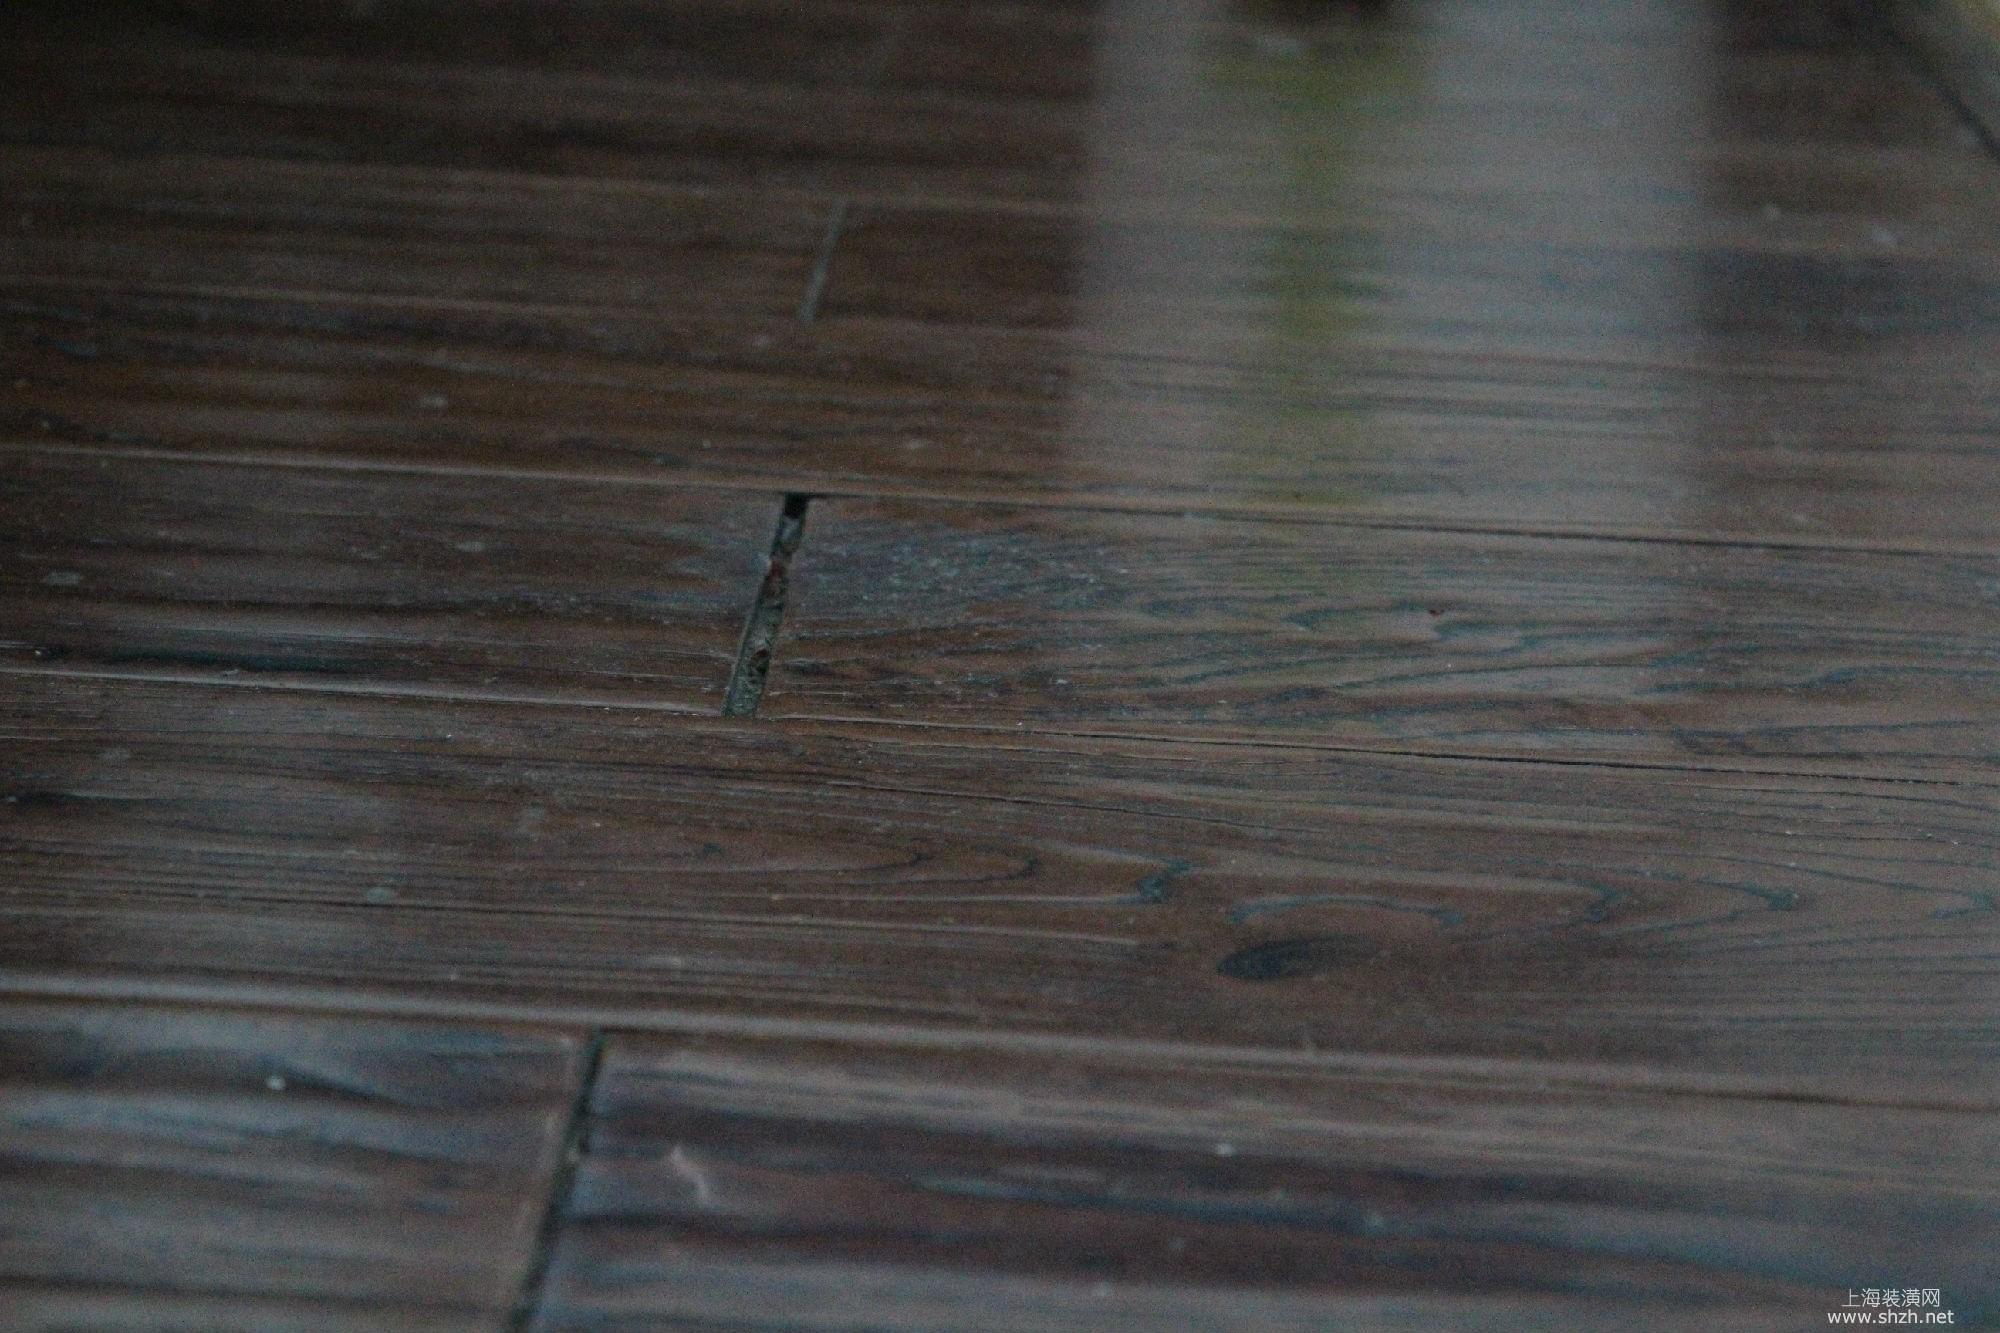 卧室地面木地板铺设外观不美观,木板间缝隙有大有小,脏